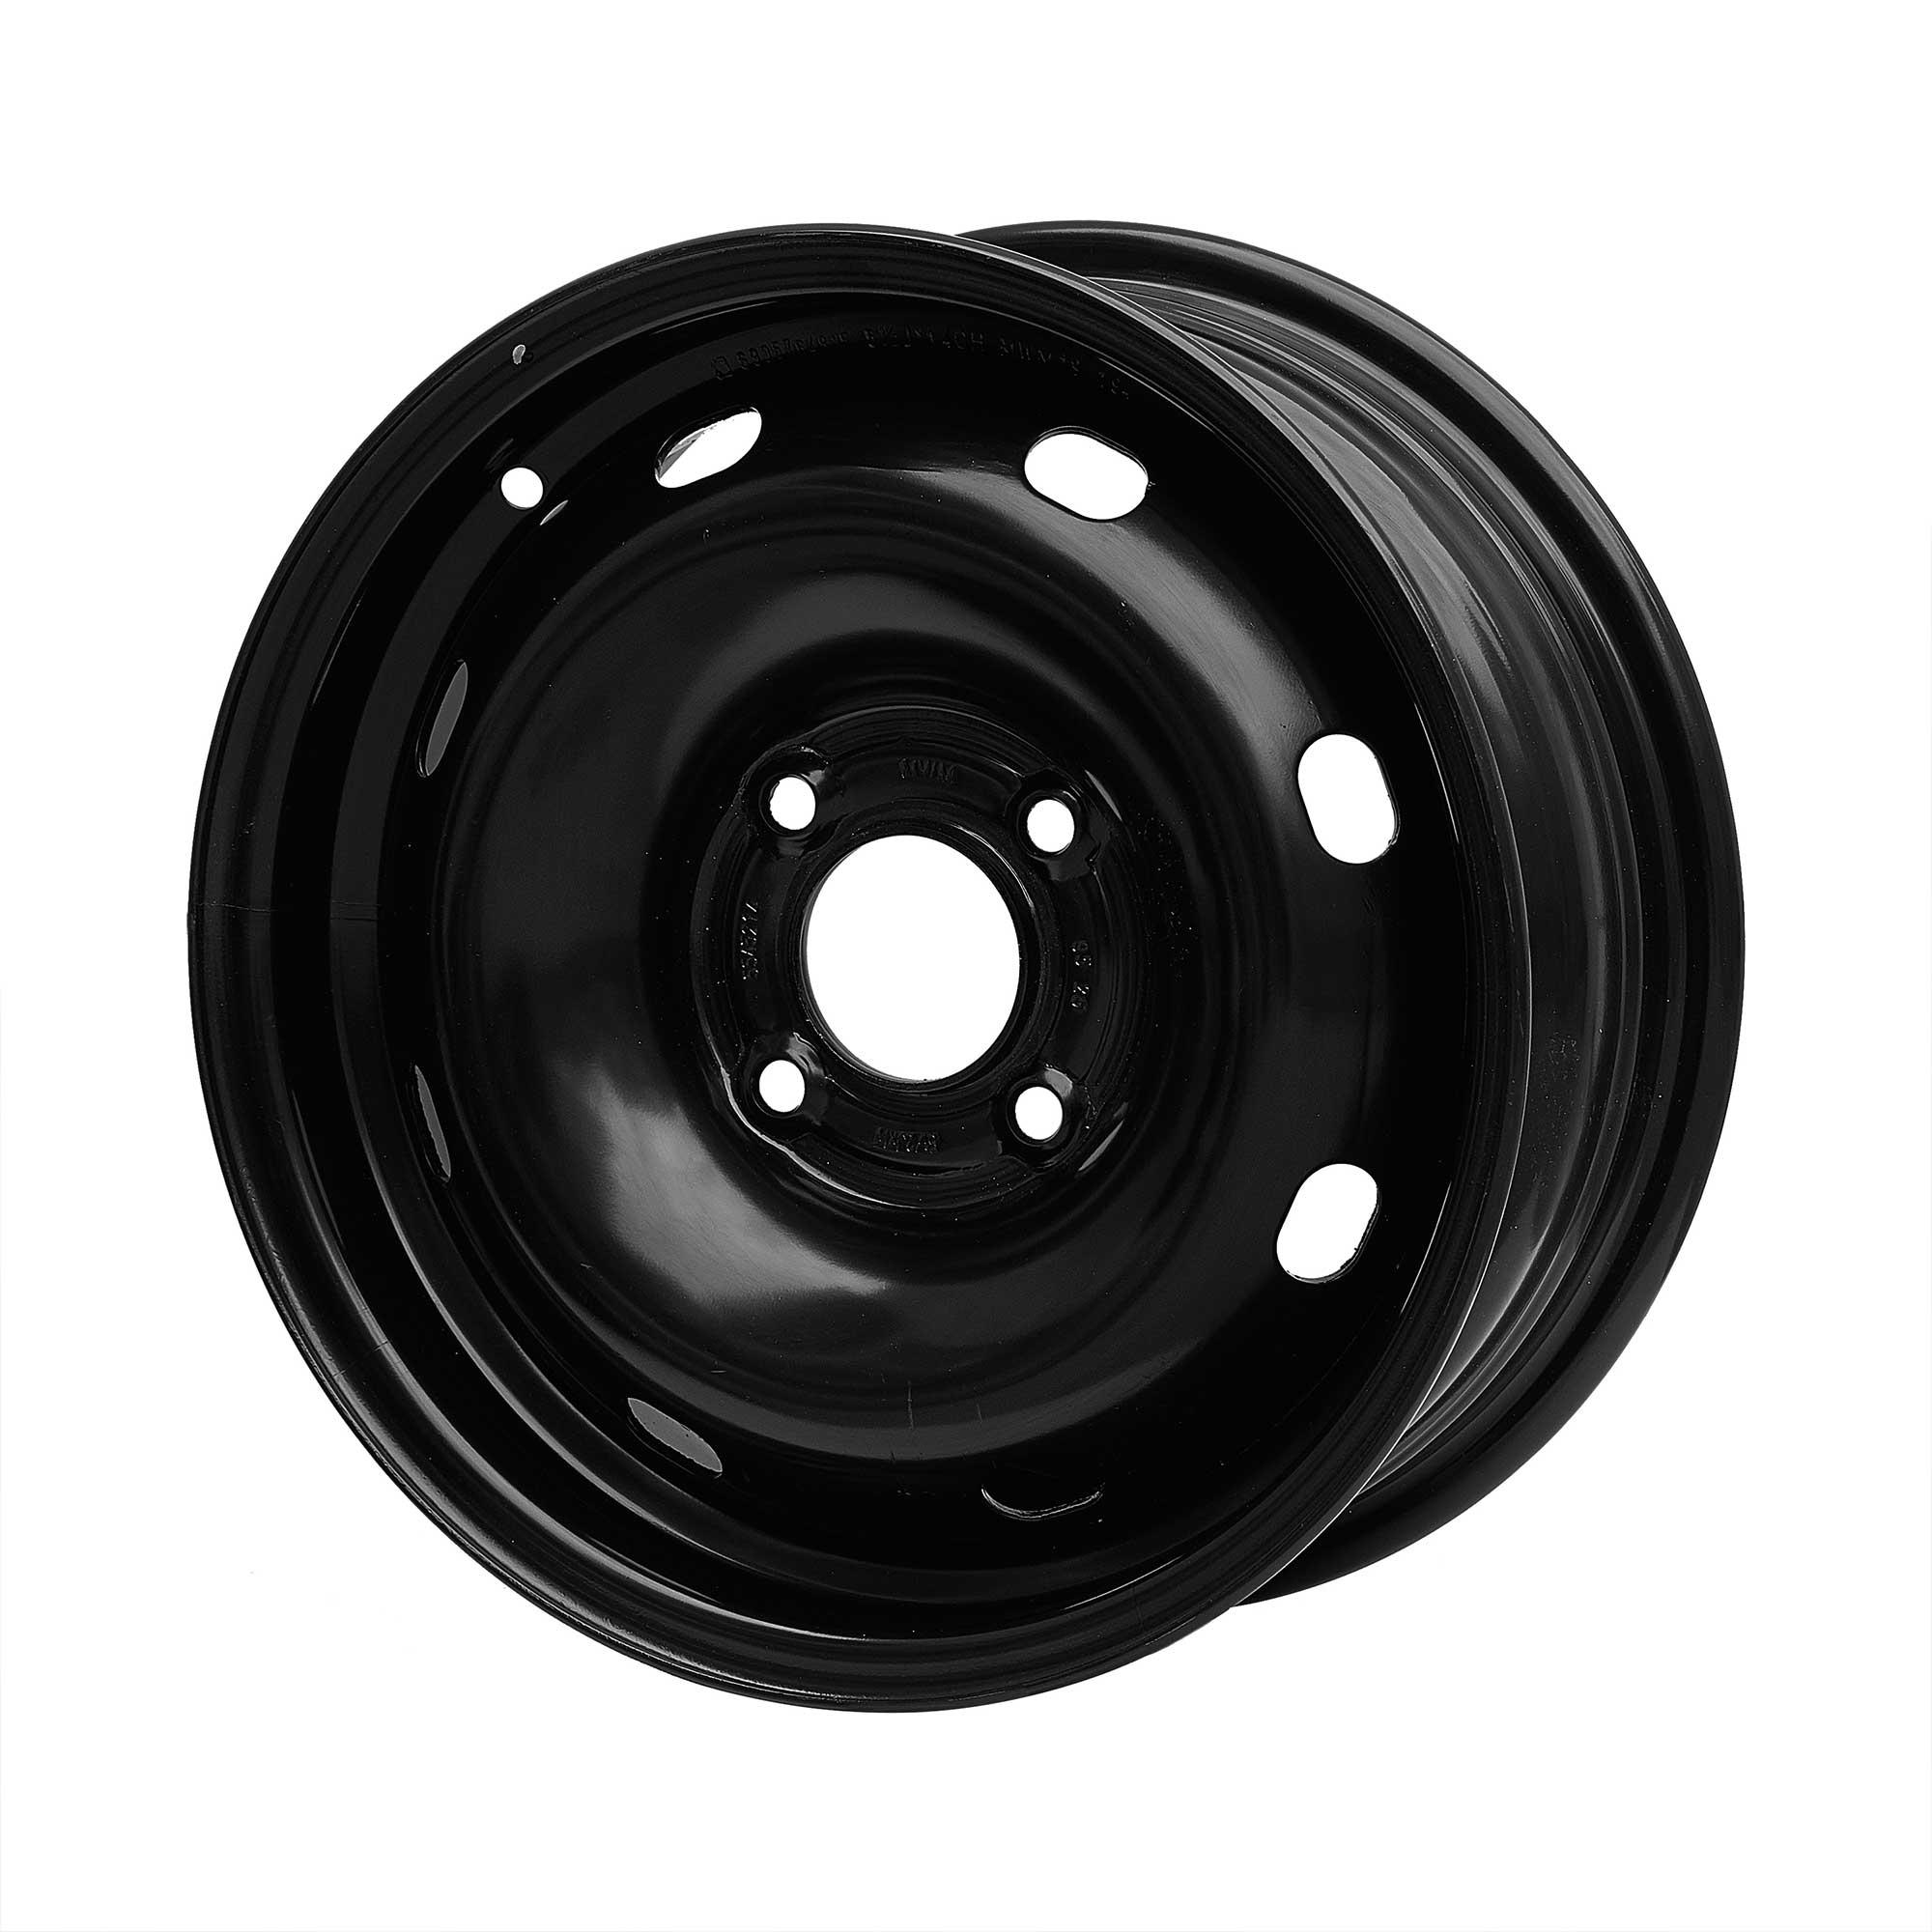 رینگ چرخ فولادی مدل5218 سایز 14اینچ مناسب برای پژو405